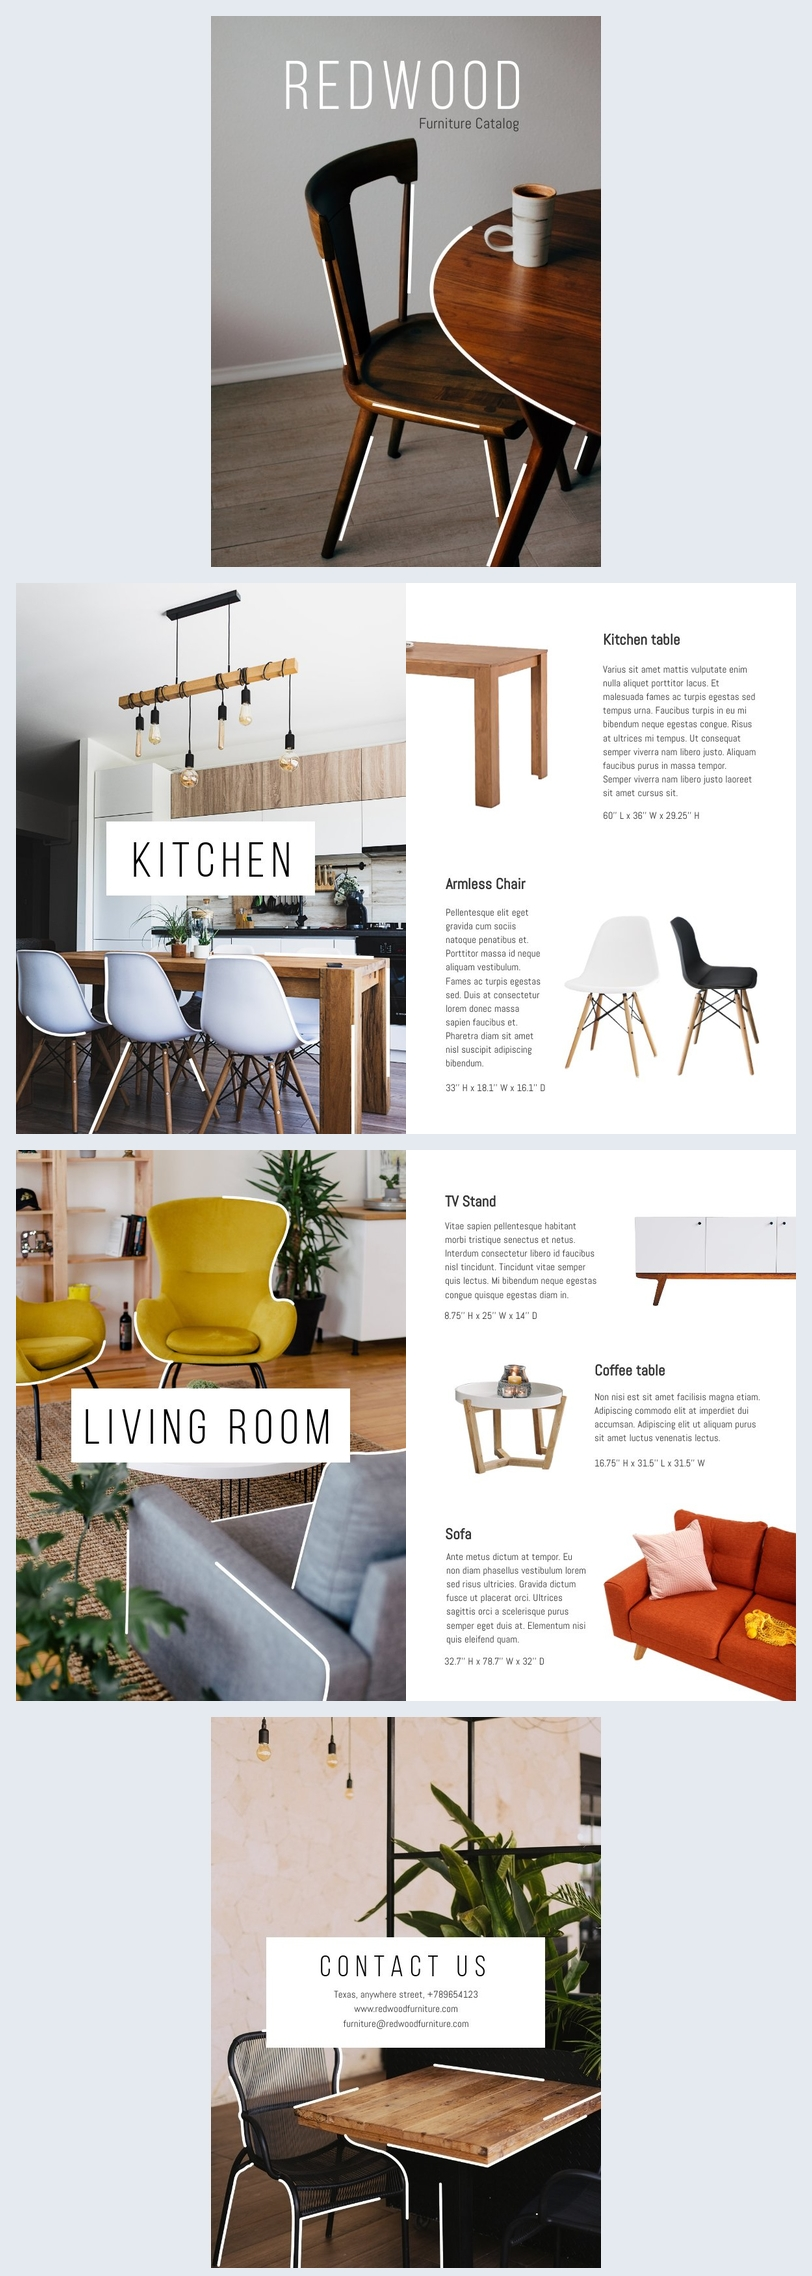 modele de catalogue de meubles en bois